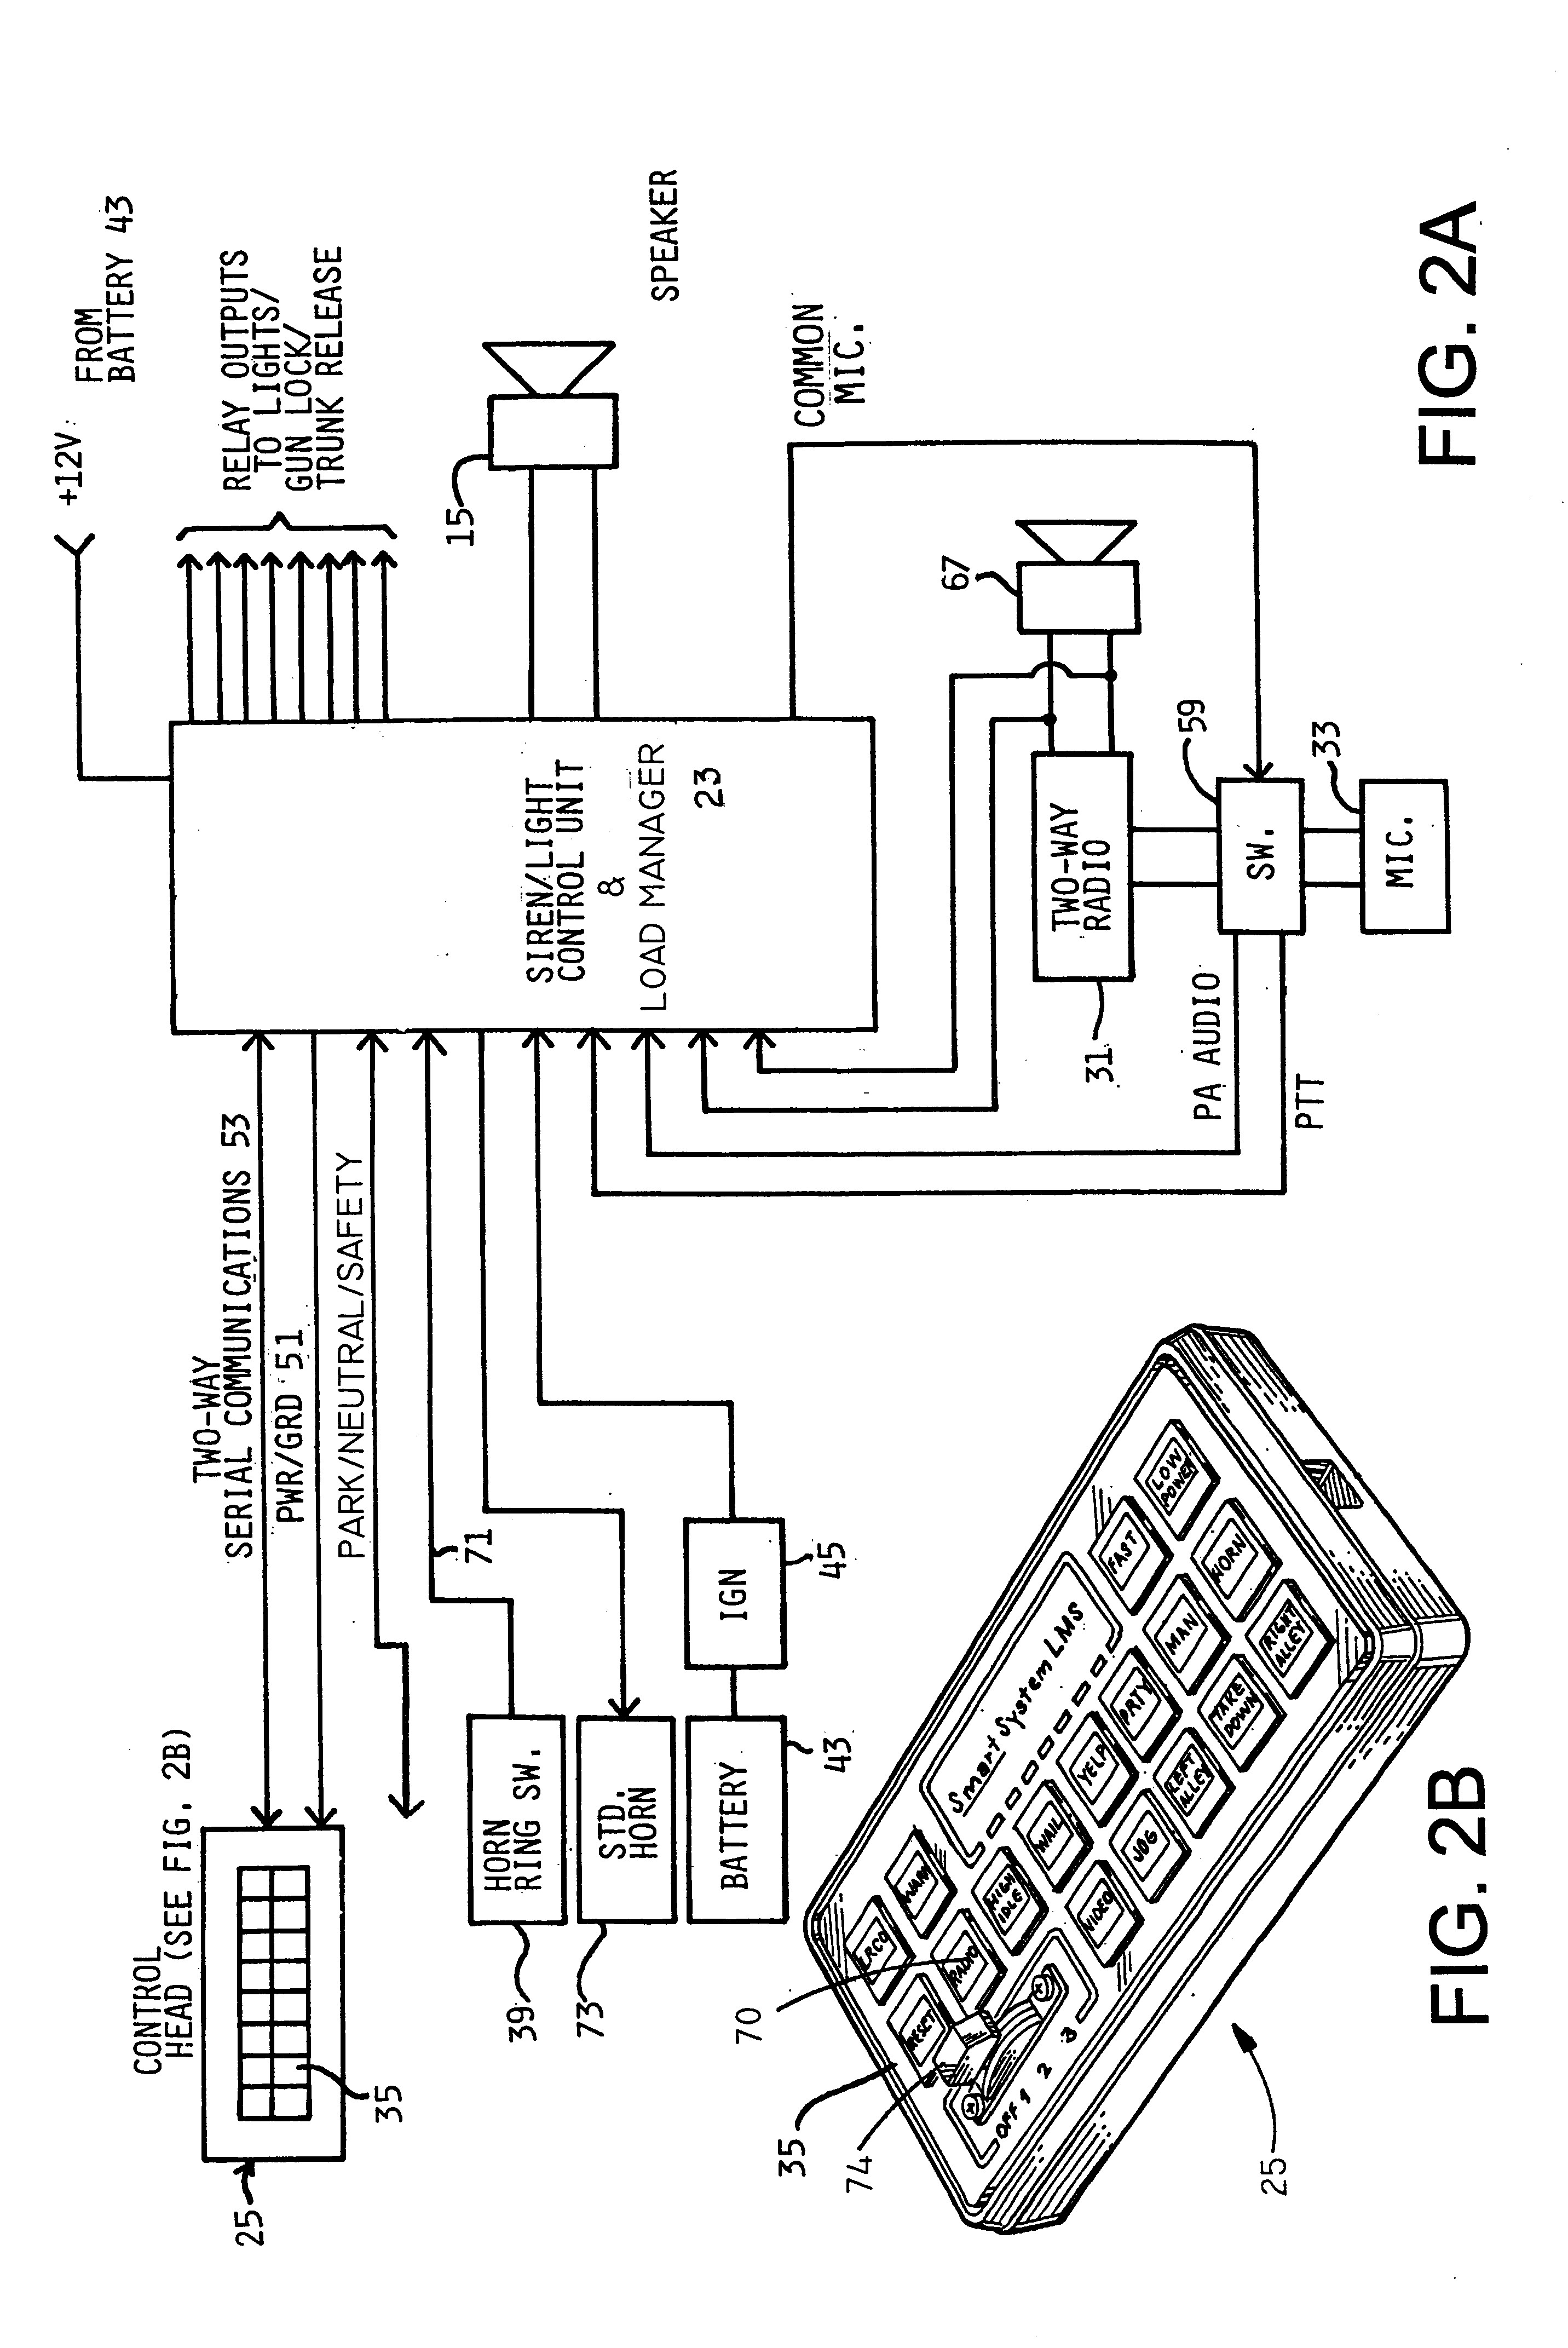 whelen siren 295hfsa1 wire diagram